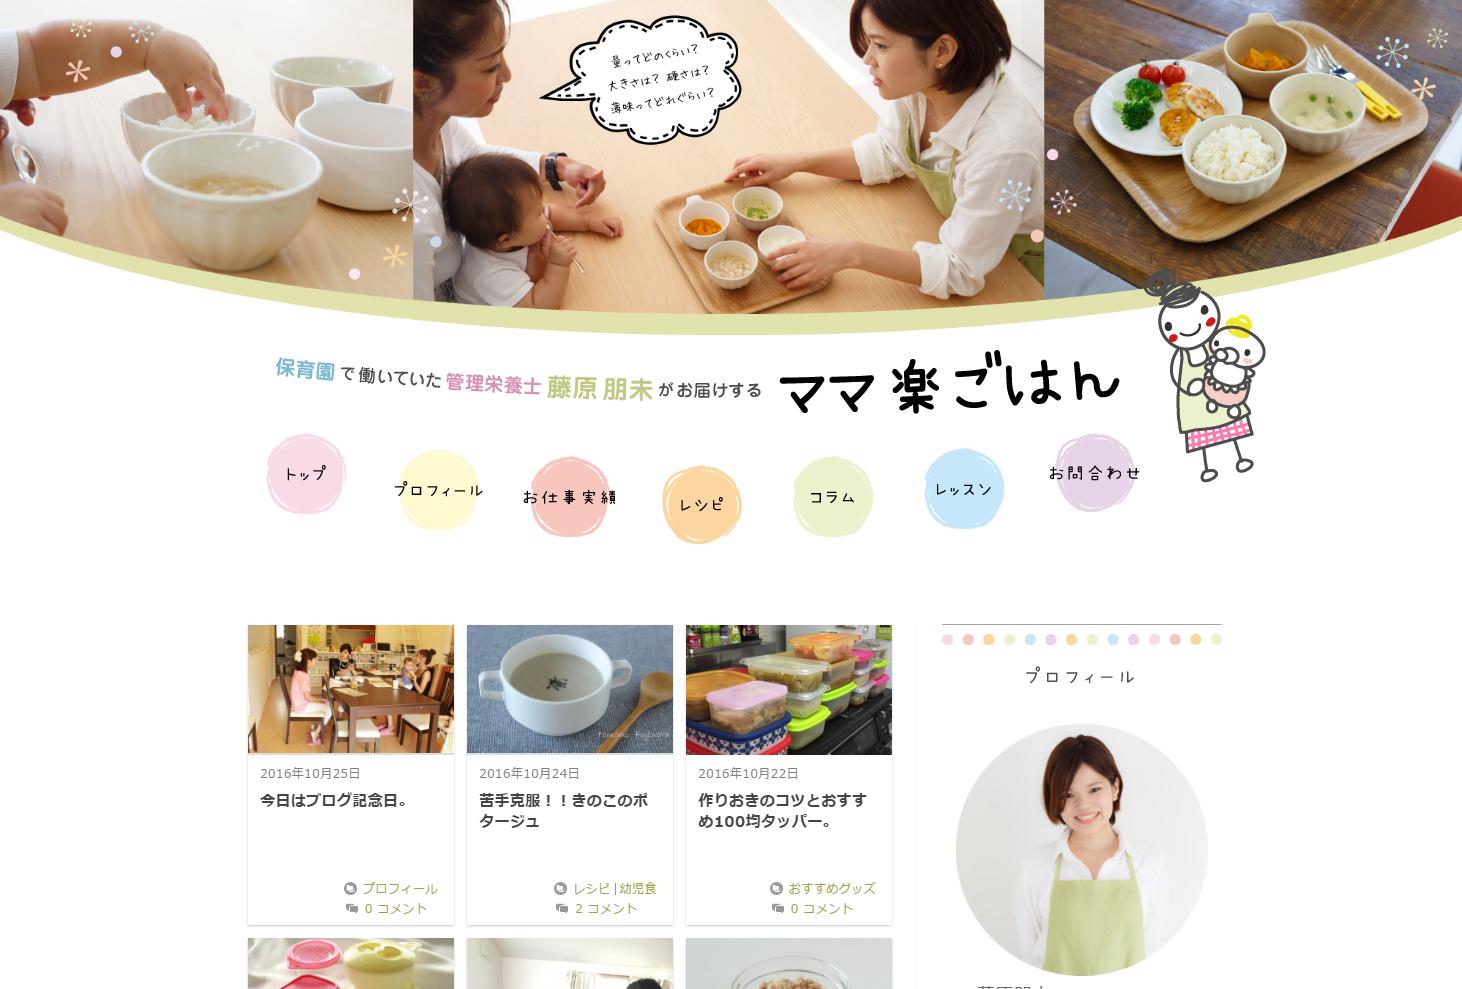 管理栄養士 藤原朋未(株式会社エミッシュ)のサイトイメージ